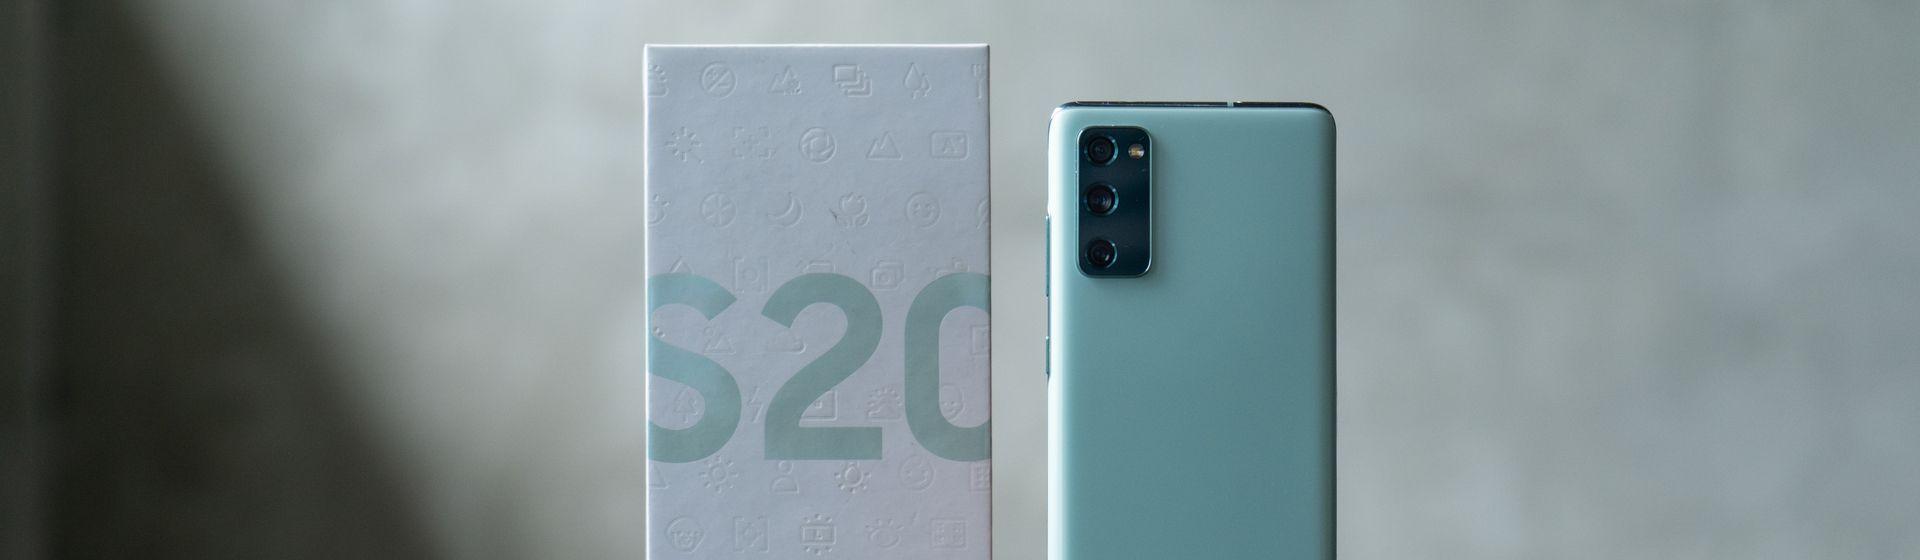 Galaxy S20: confira a ficha técnica e preço do aparelho